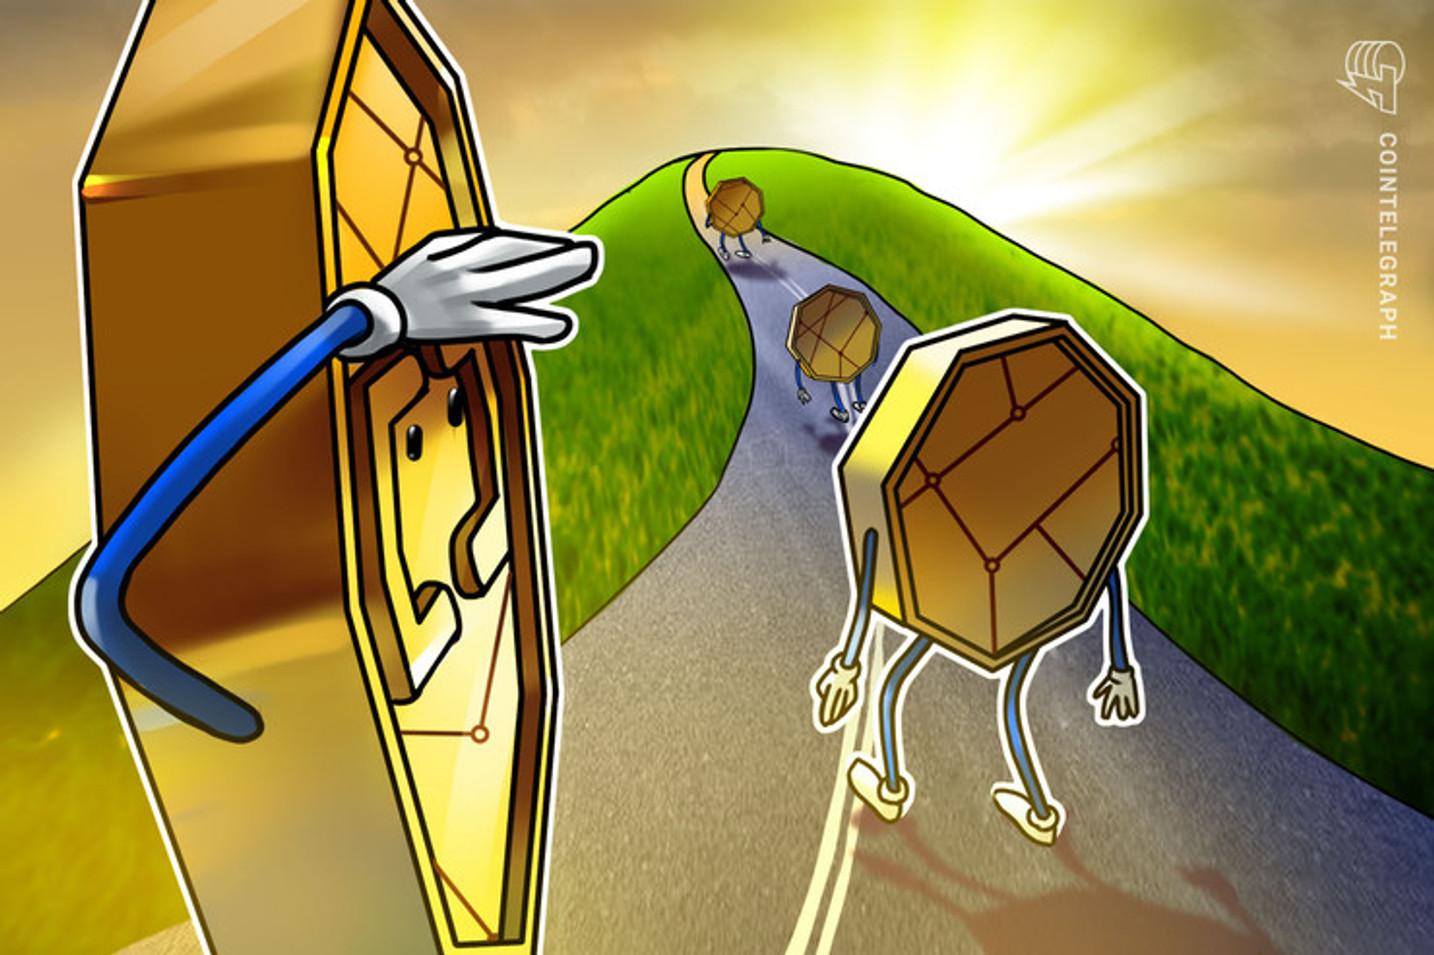 Exclusivo: Bitstocks, exchange de Bitcoin, deve iniciar operações no Brasil ainda em 2020 para 'difundir' Bitcoin SV